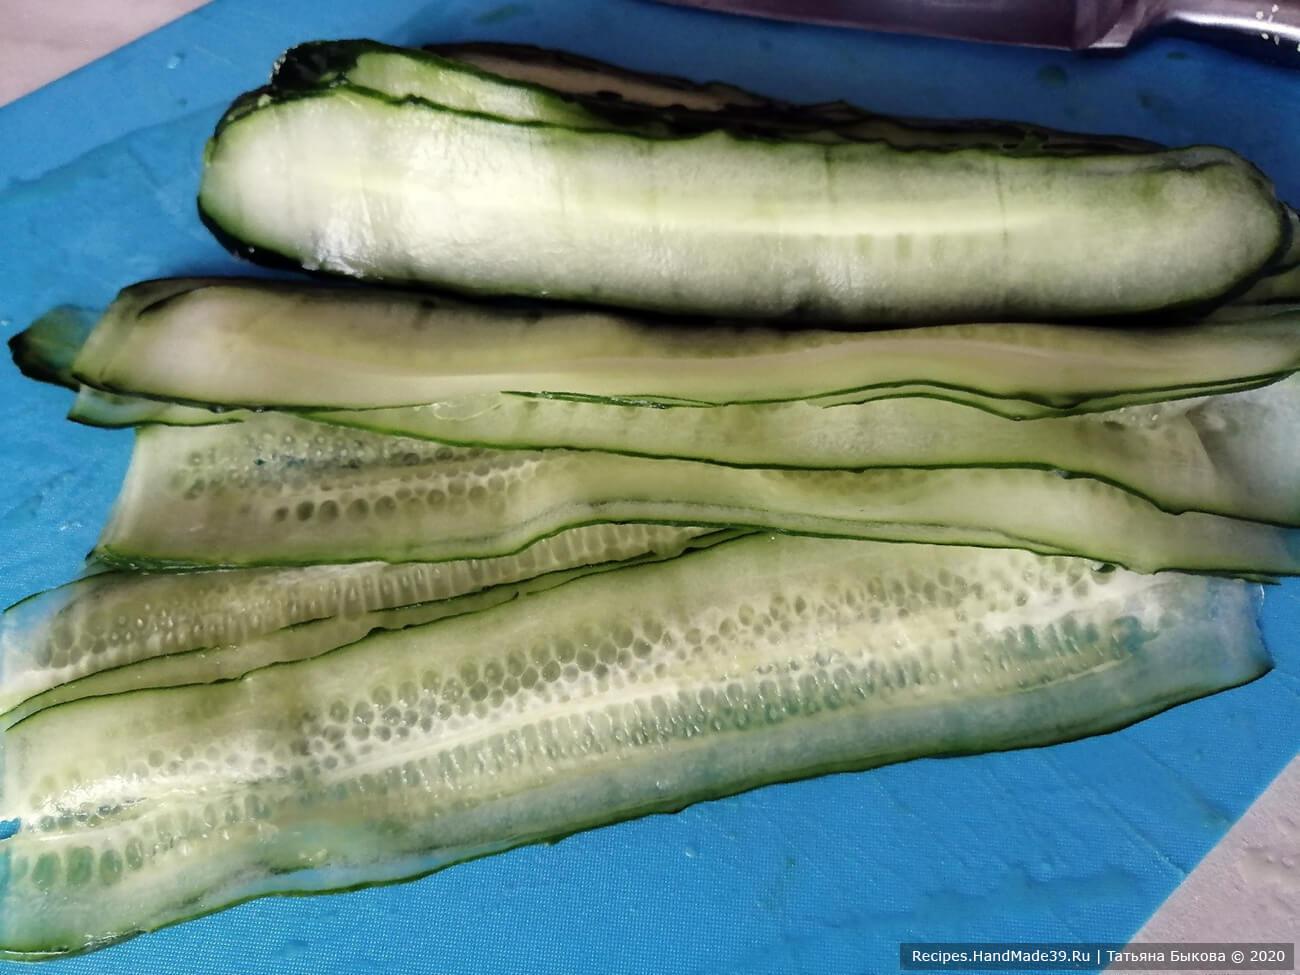 Огурцы вымыть, с помощью овощечистки нарезать по длине на полоски